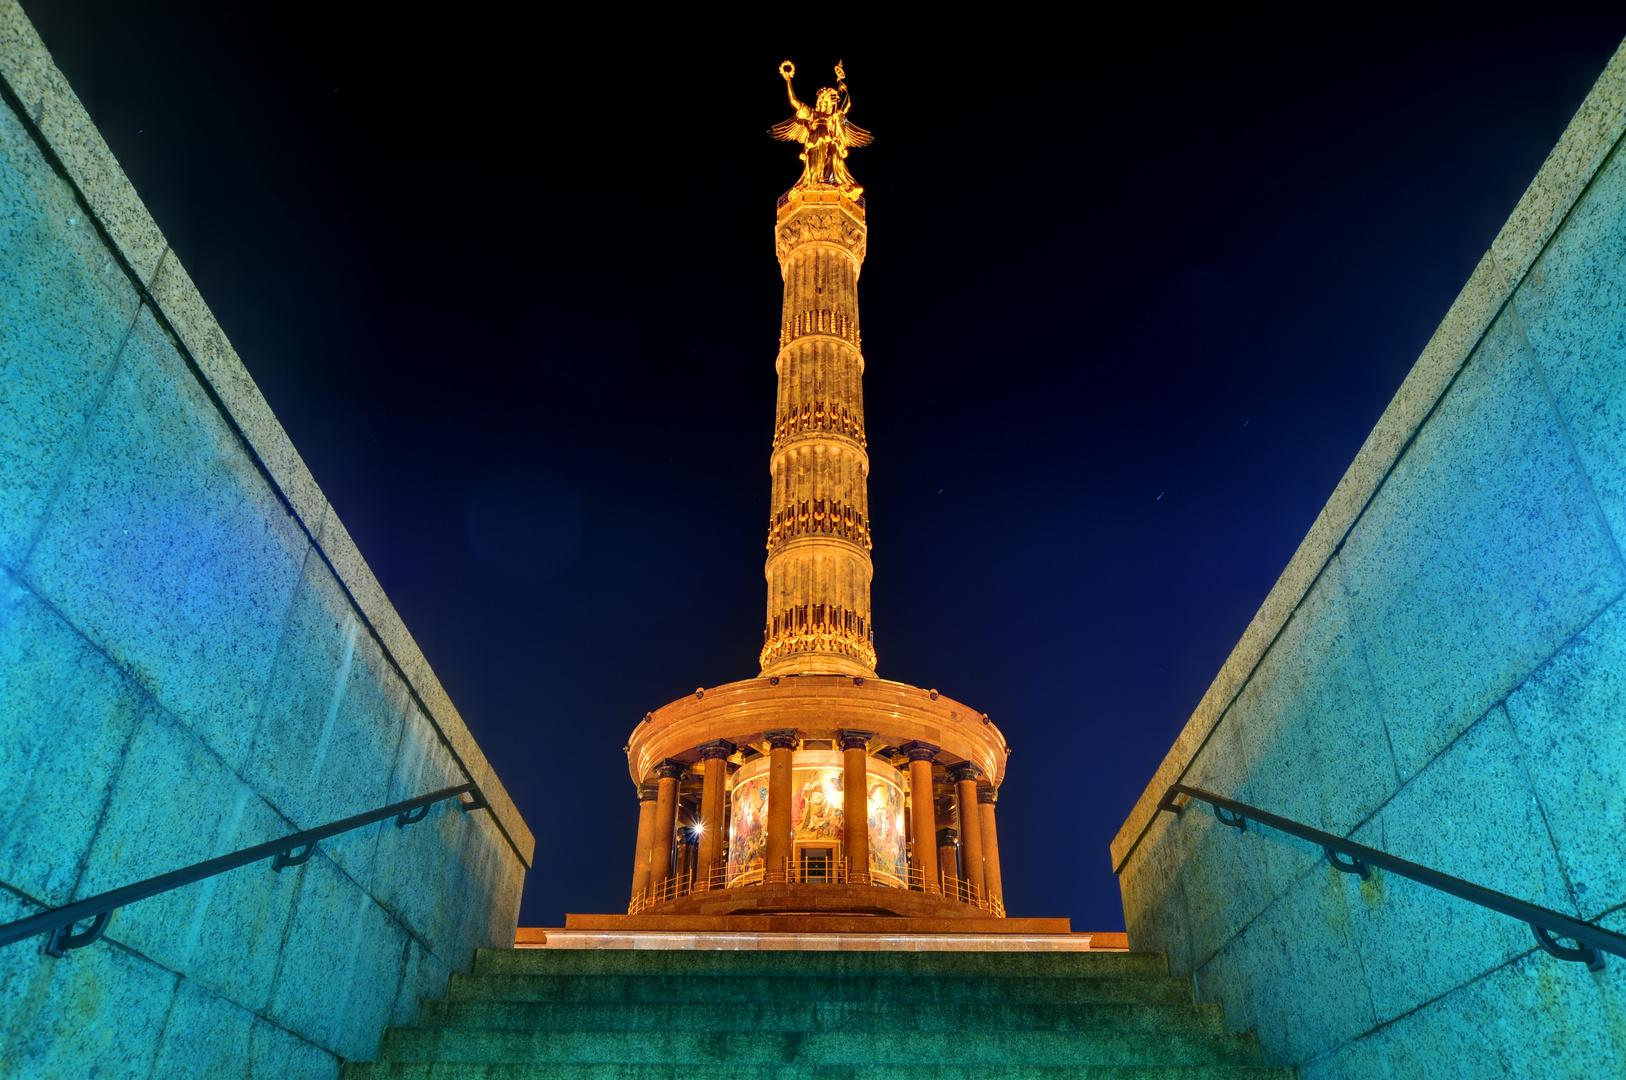 Siegessäule Berlin bei Nacht